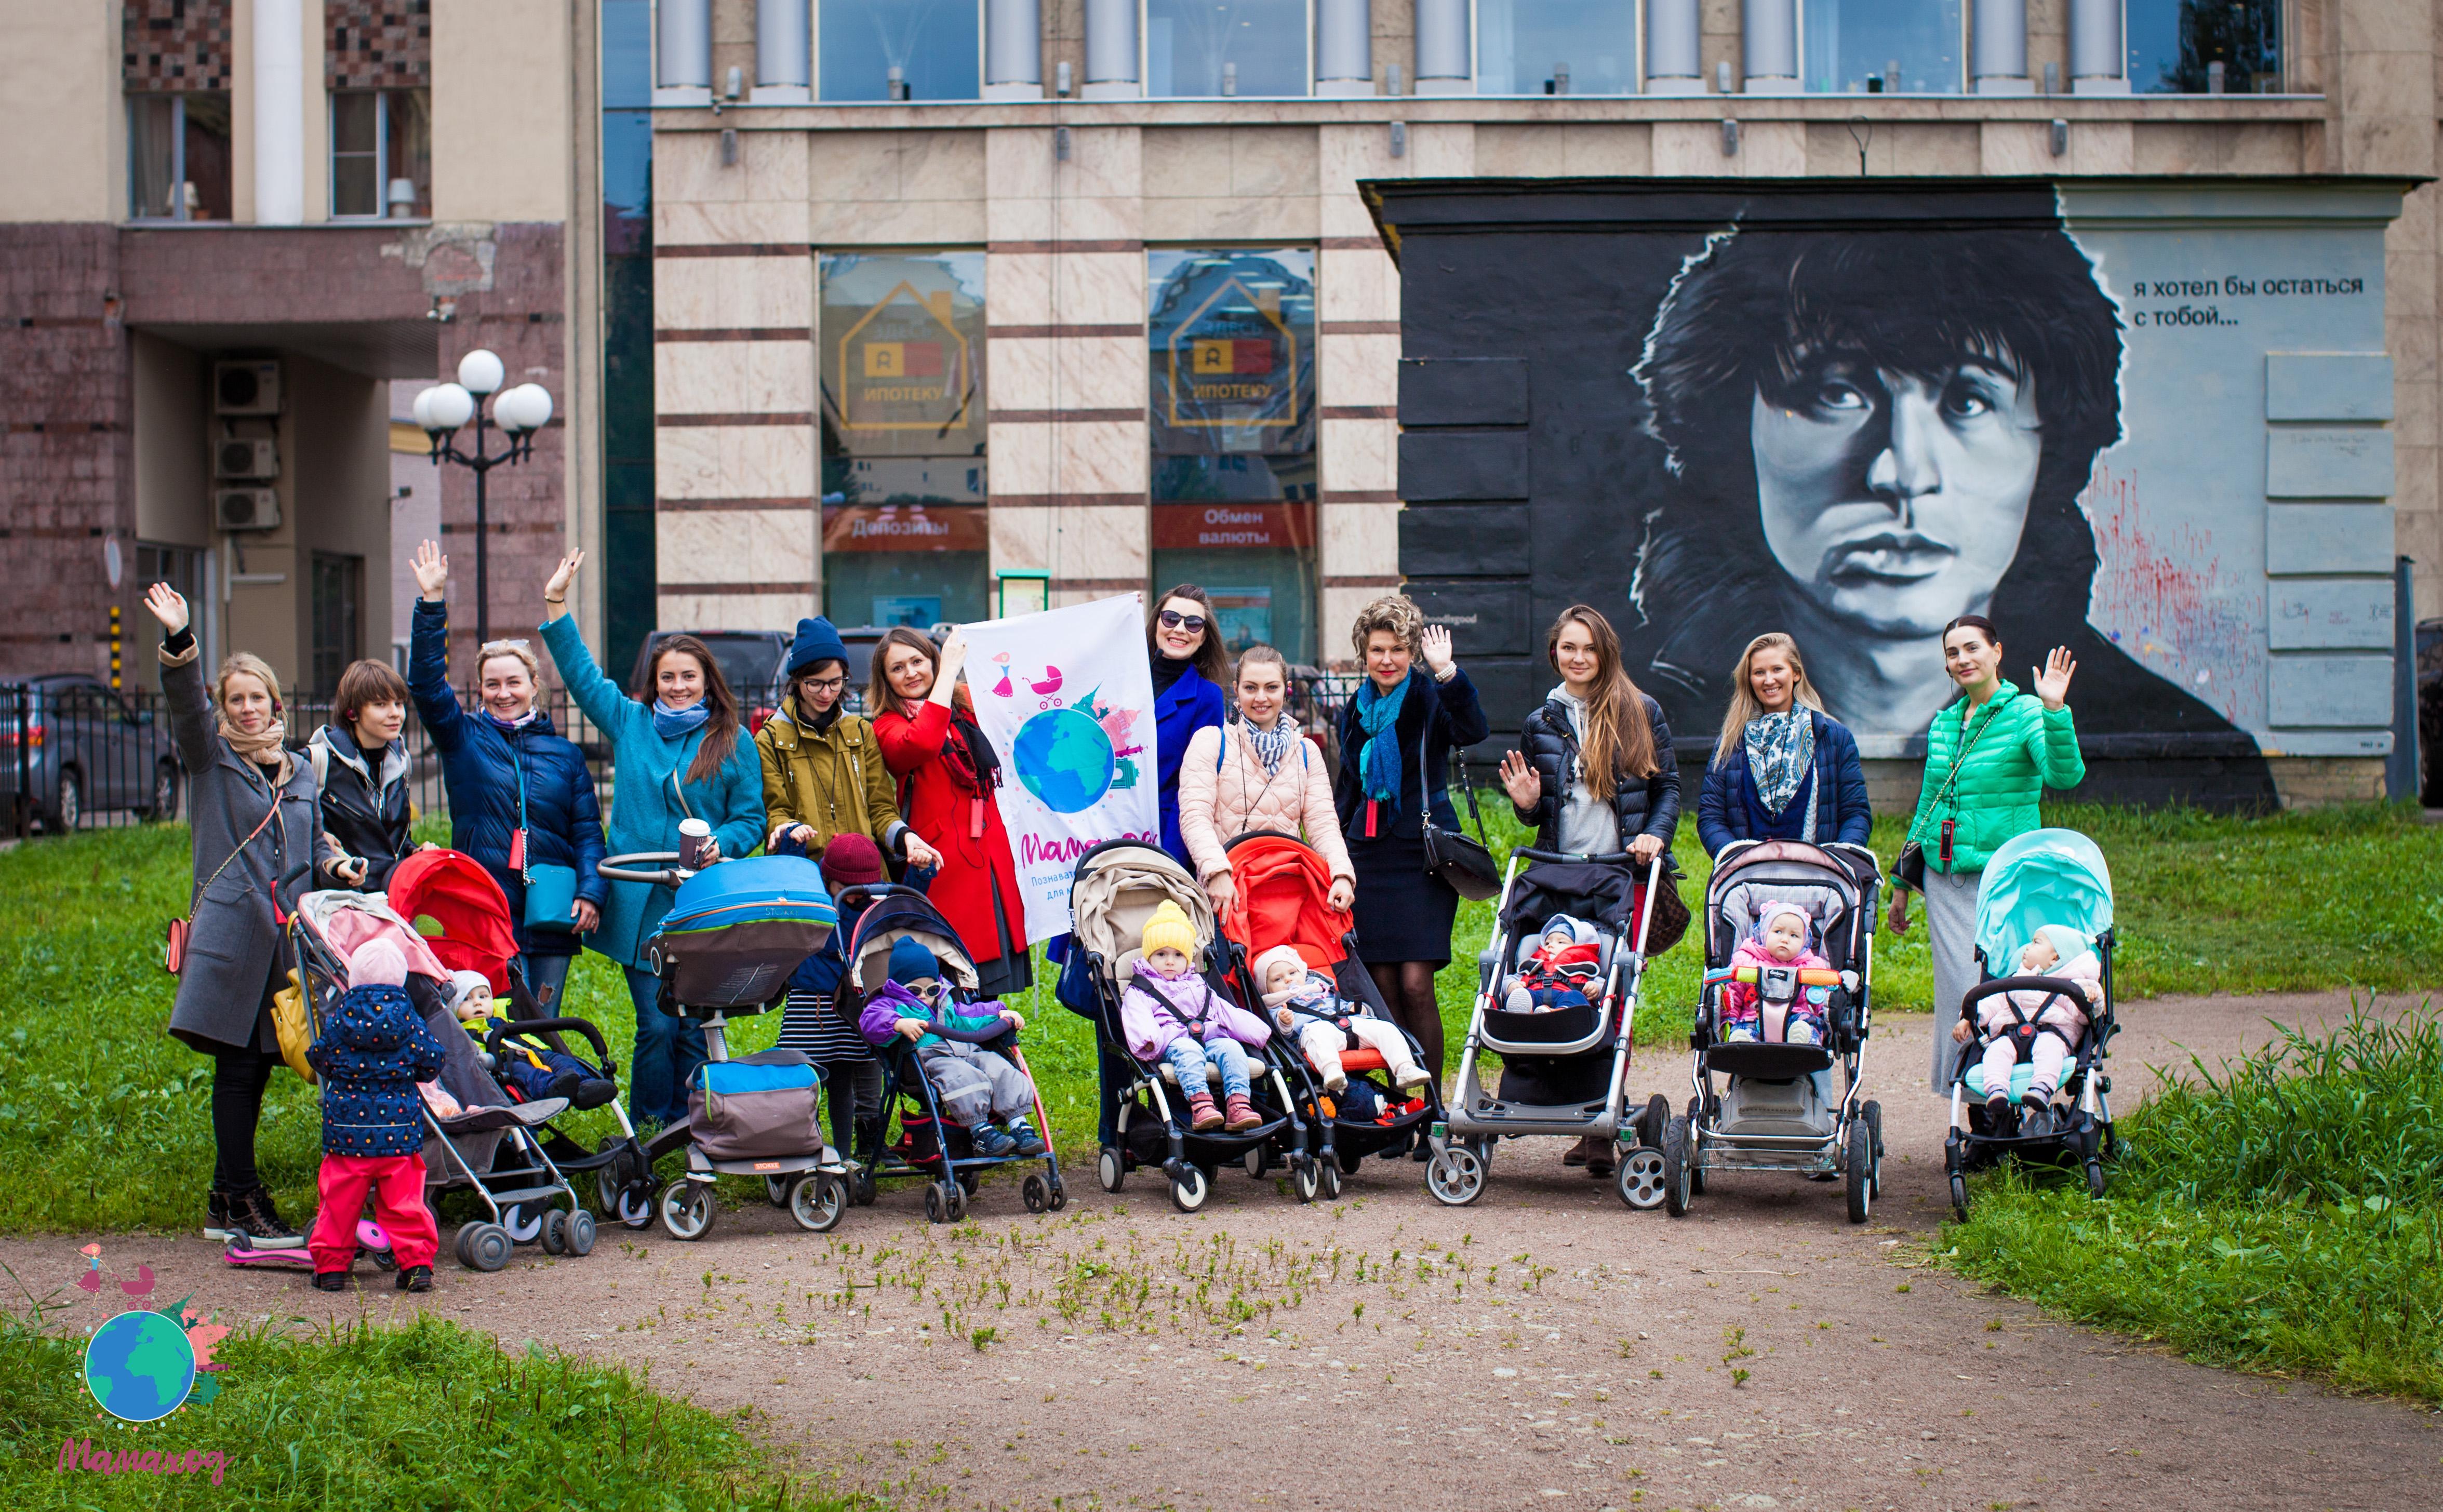 Граффити-экскурсия по ул. Жуковского